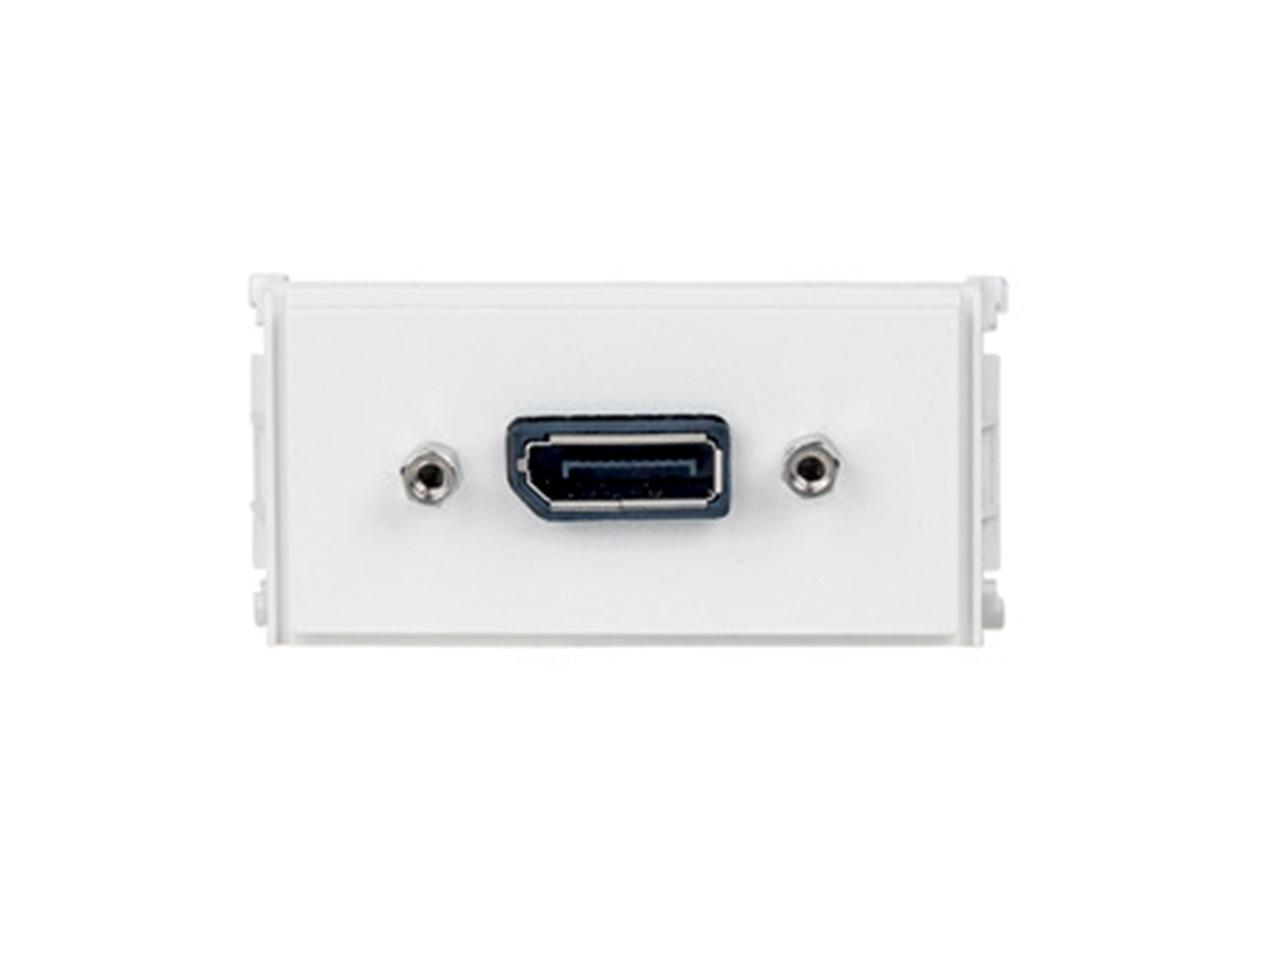 Csatlakozo Oldafali DisplayPort WI221268 1 Vizuáltechnika bolt